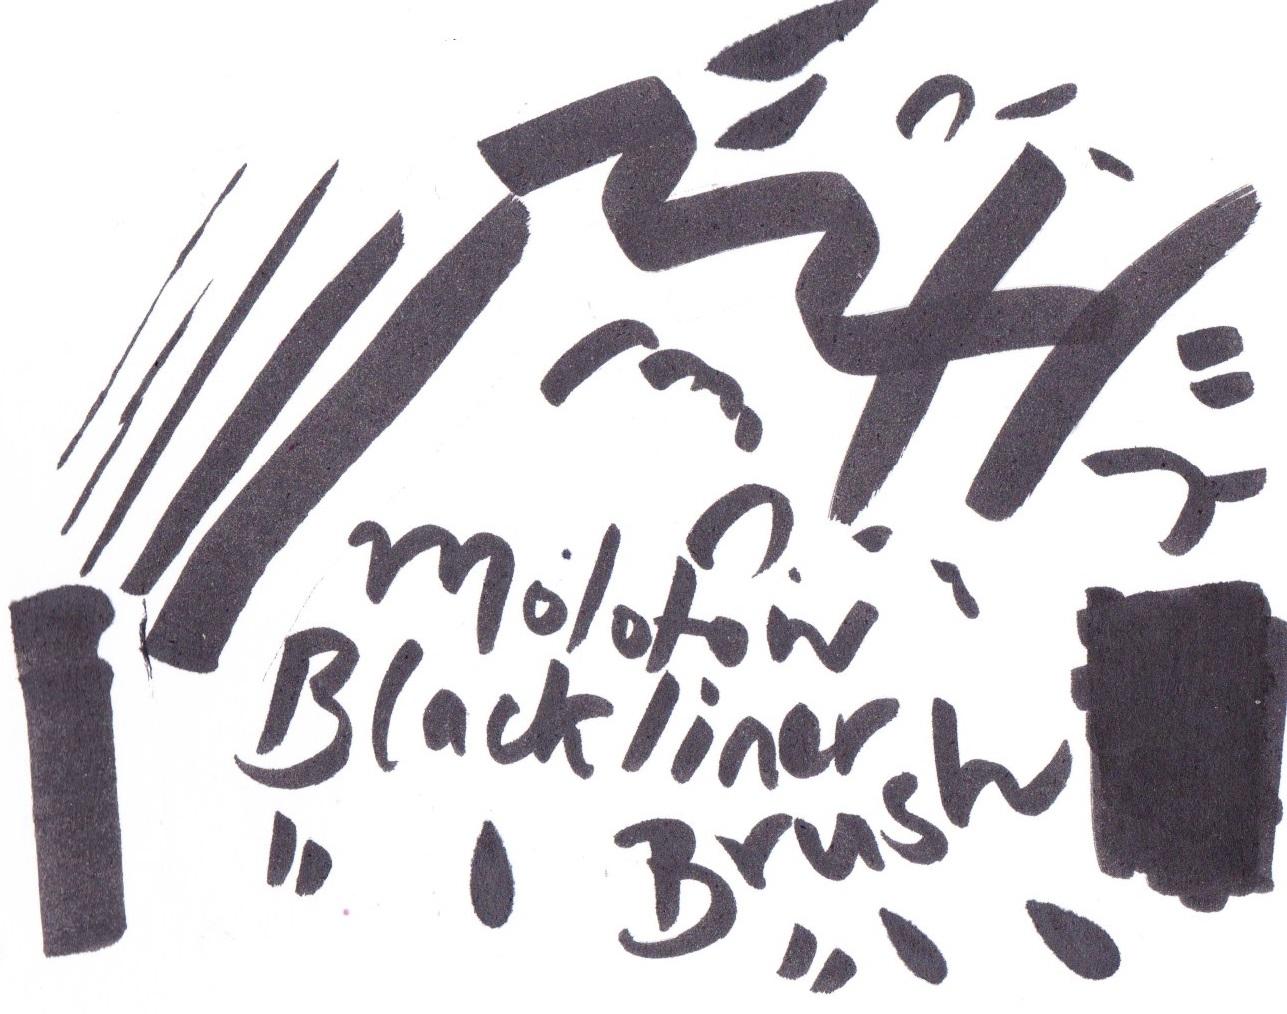 Molotow Blackliner Brush Pen on Bristol board